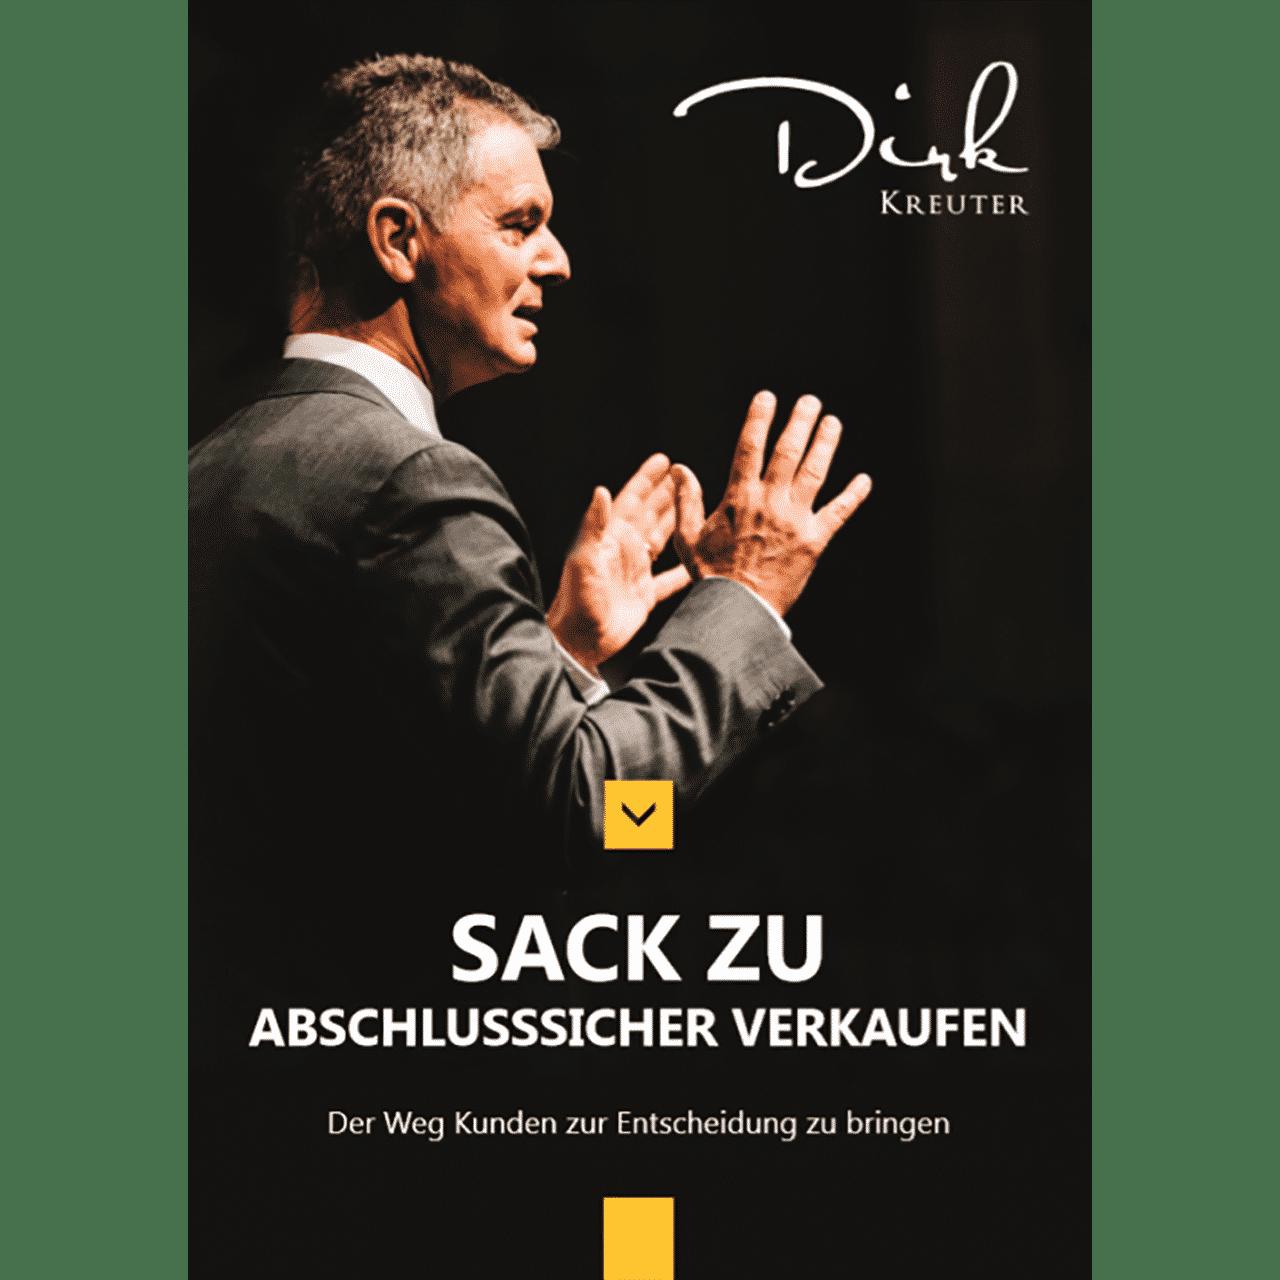 Sack Zu! Abschlusssicher verkaufen von Dirk Kreuter